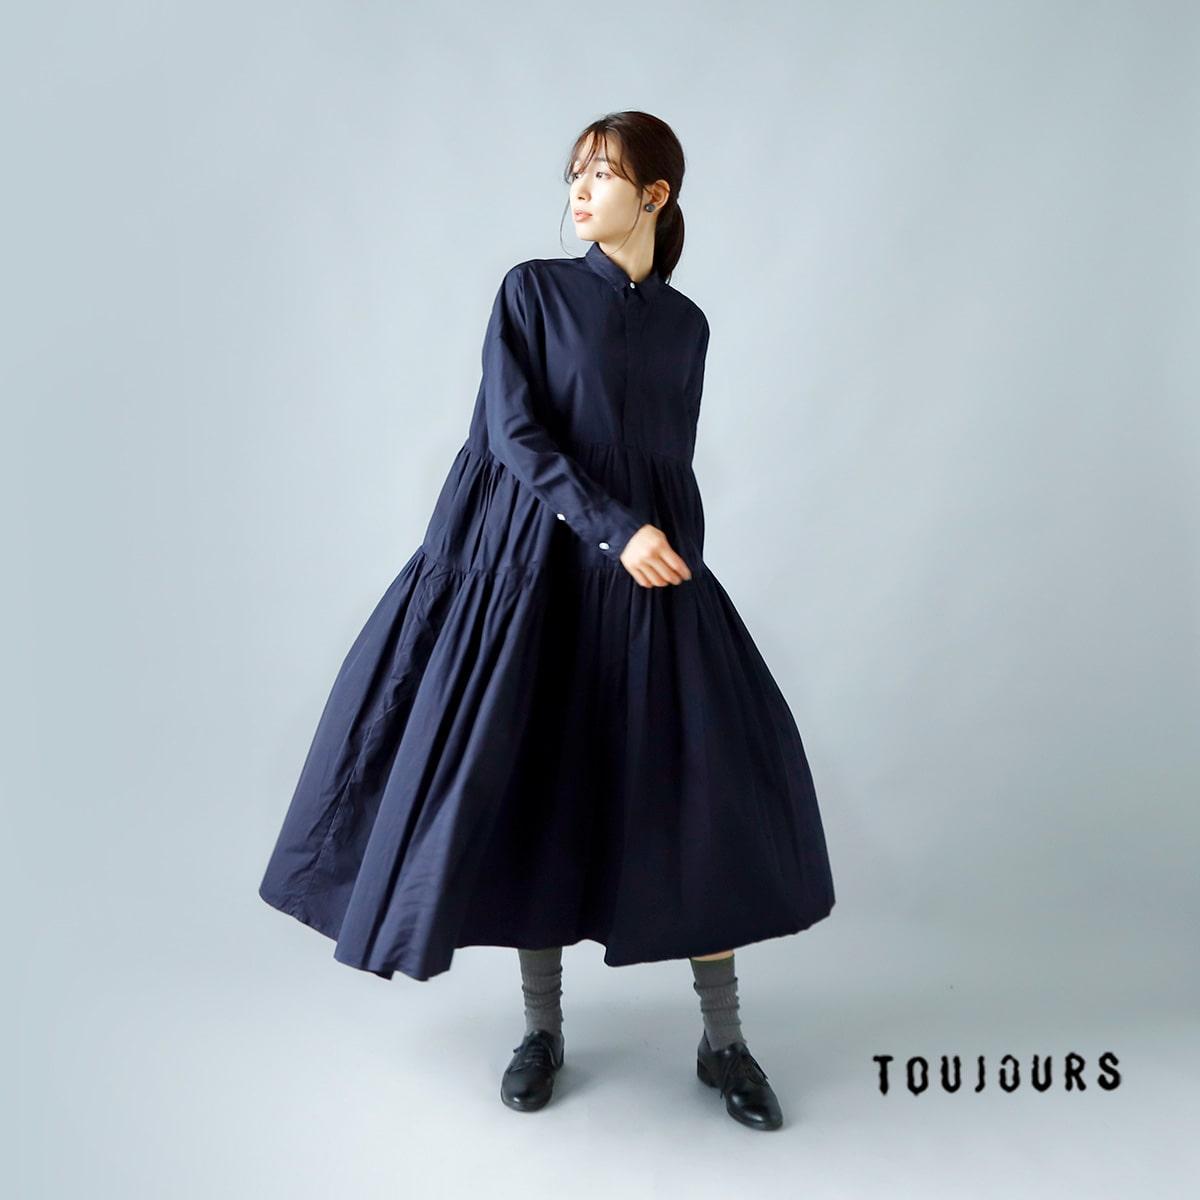 TOUJOURS(トゥジュー)ダブルツイステッドコットンポプリンクロスティアードシャツドレス mm35ad06